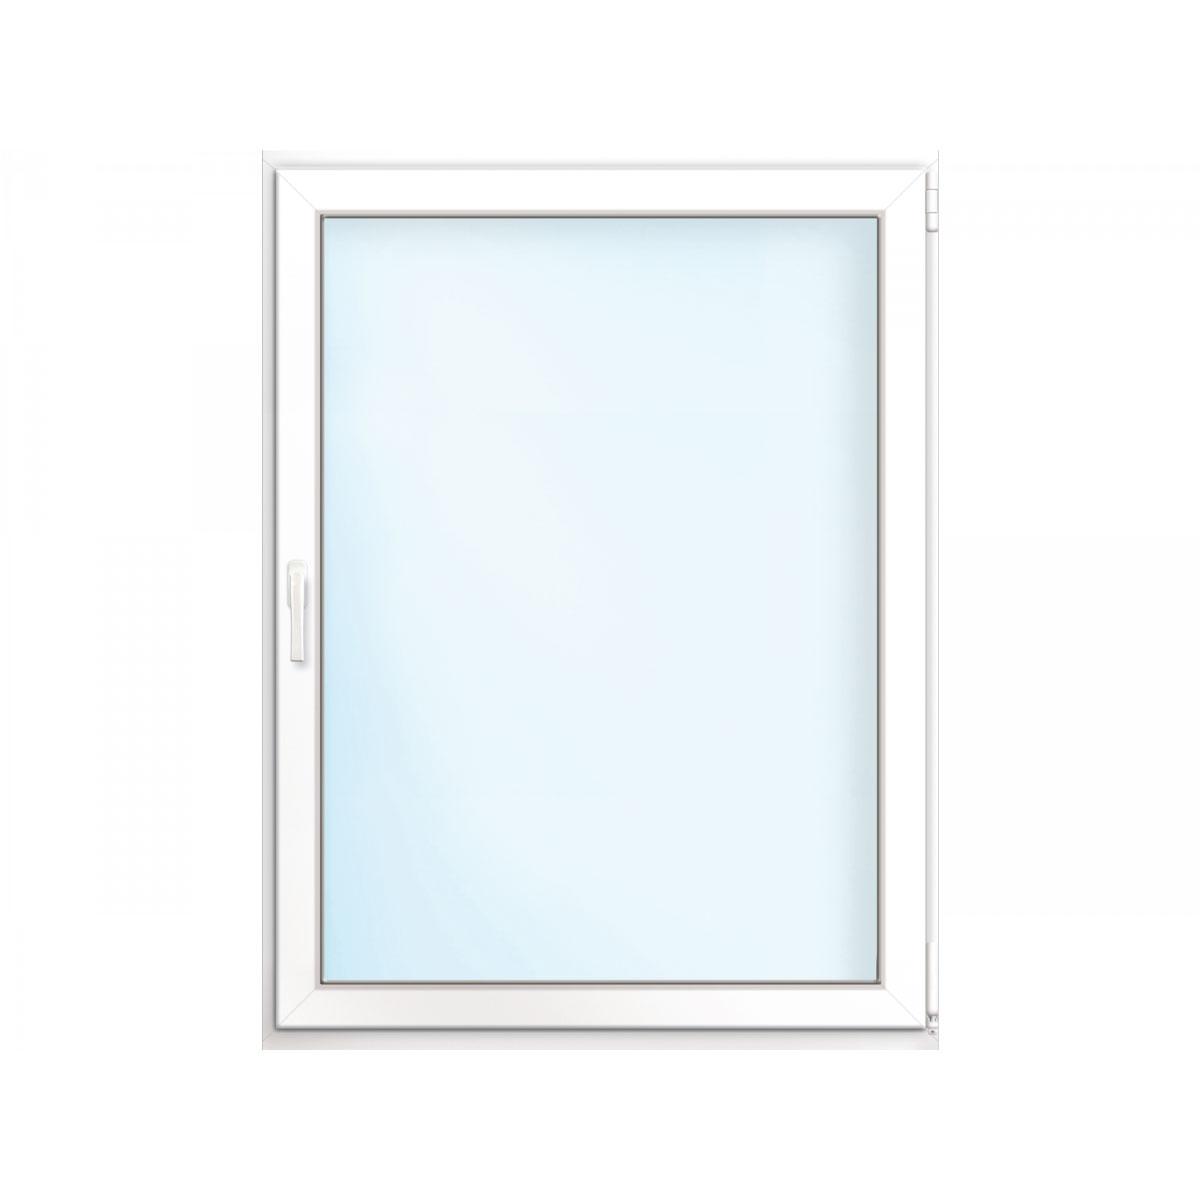 Fenster PVC 70/3 weiß/weiß Anschlag rechts 90x135 cm